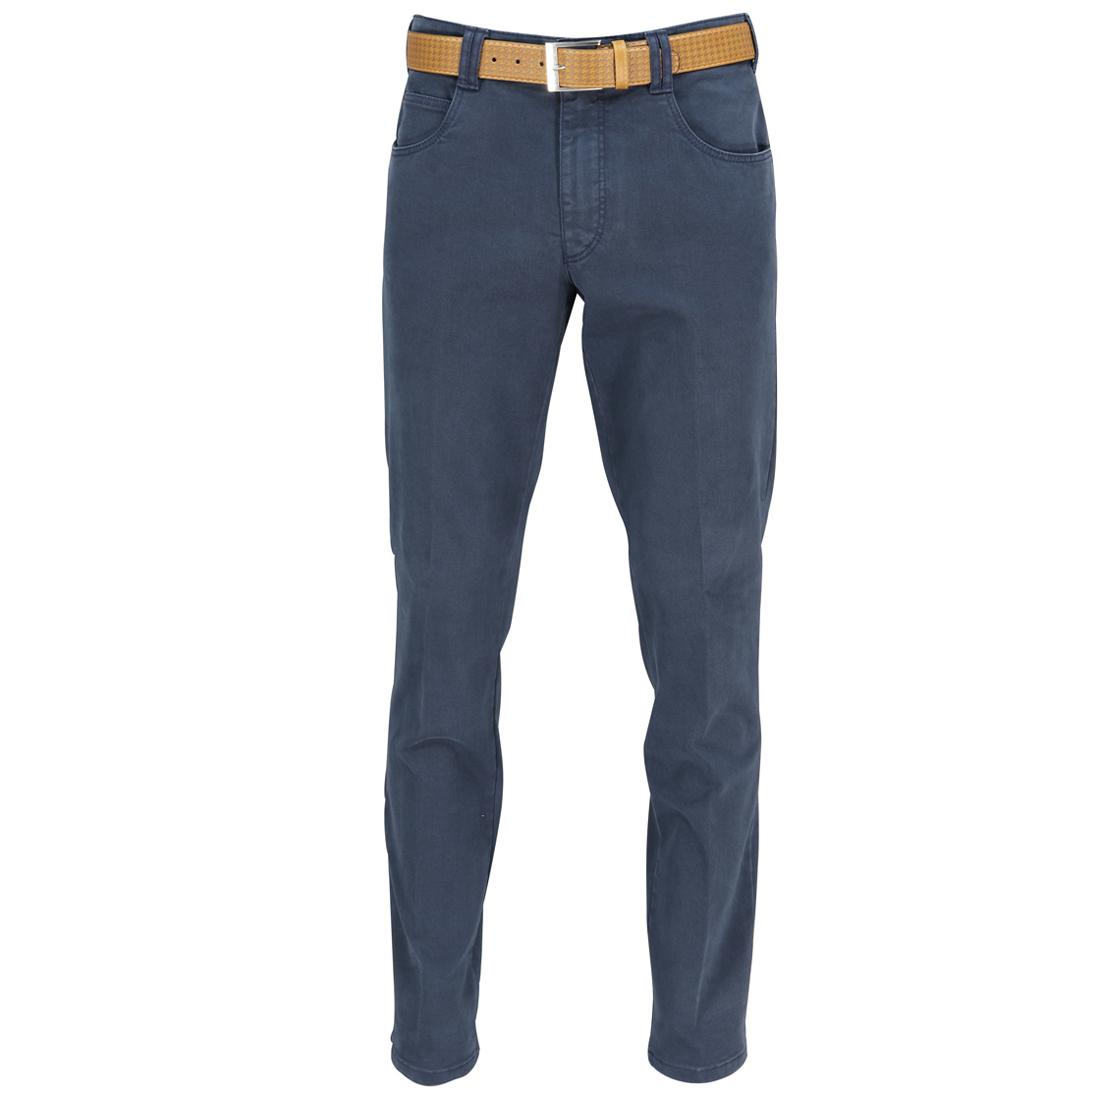 Meyer Hosen broeken 3102351600 in het Marine